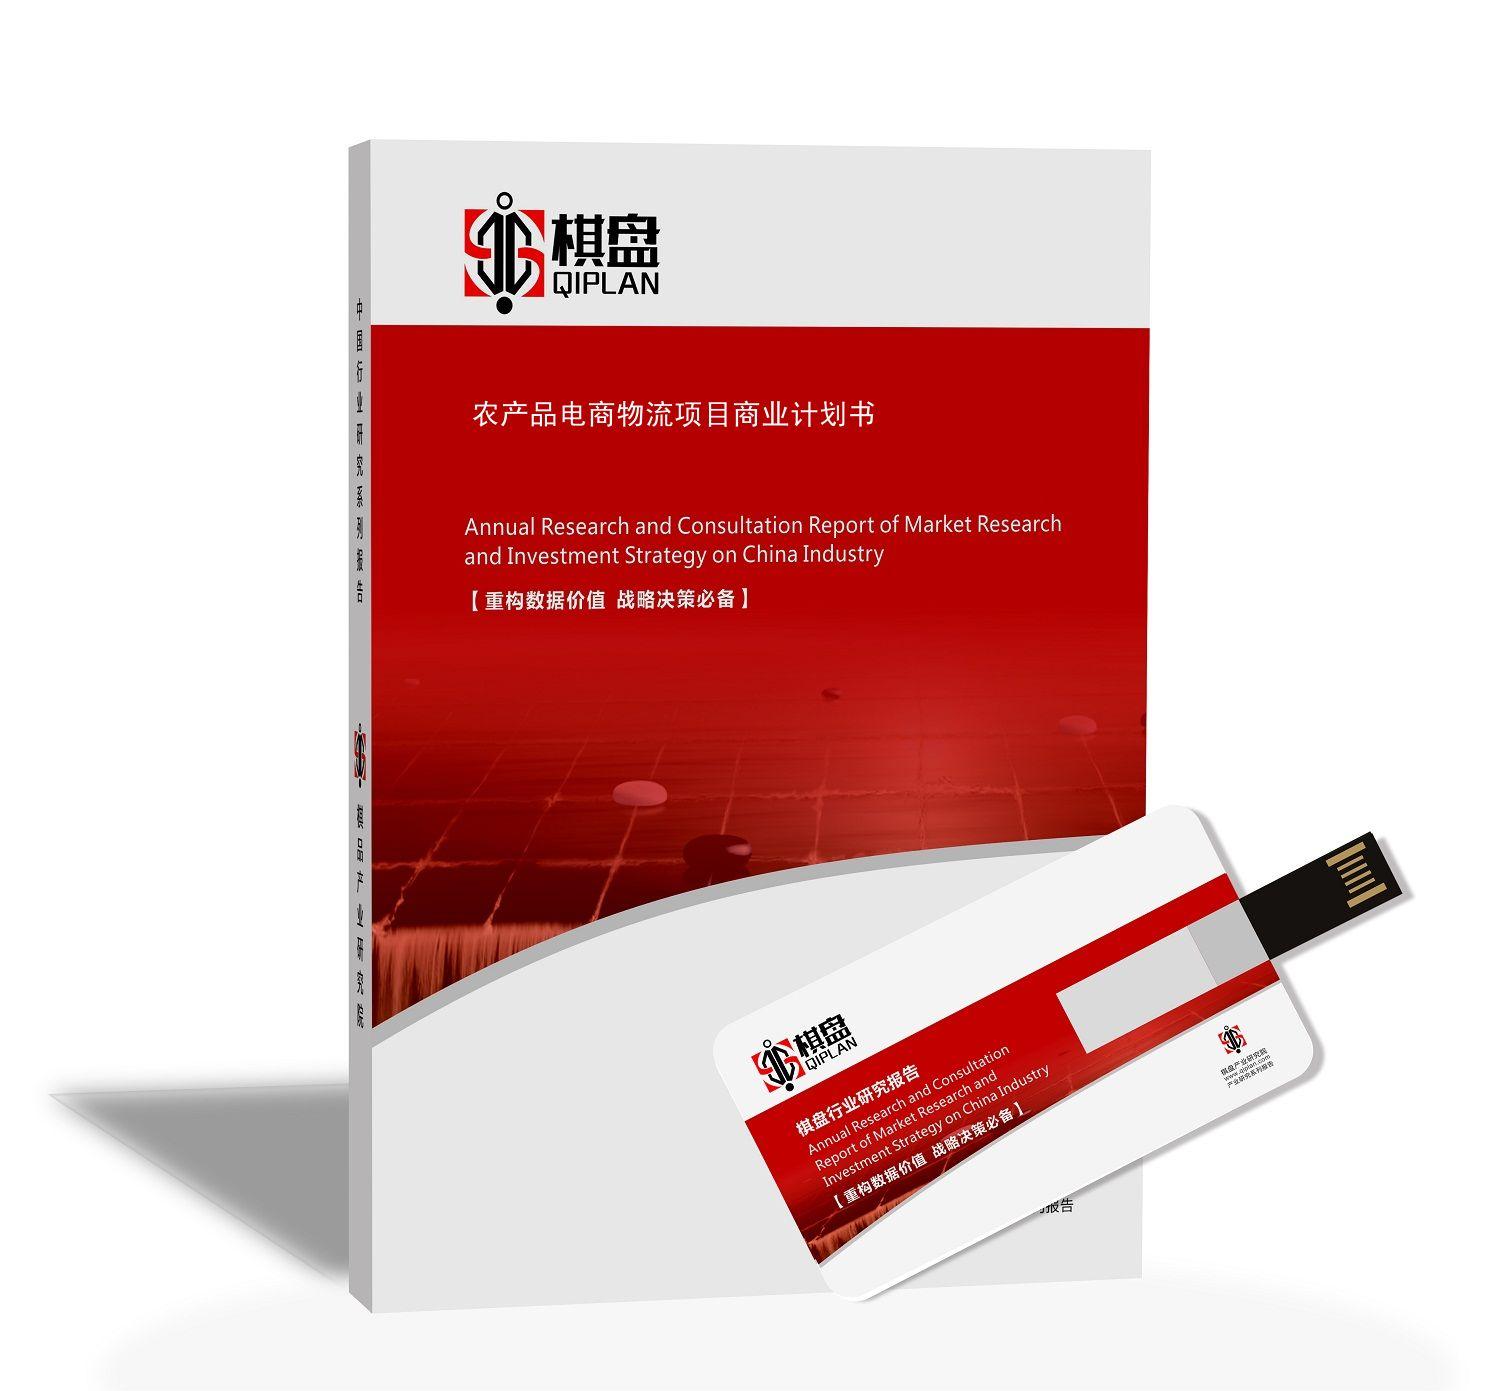 农产品电商物流项目商业计划书